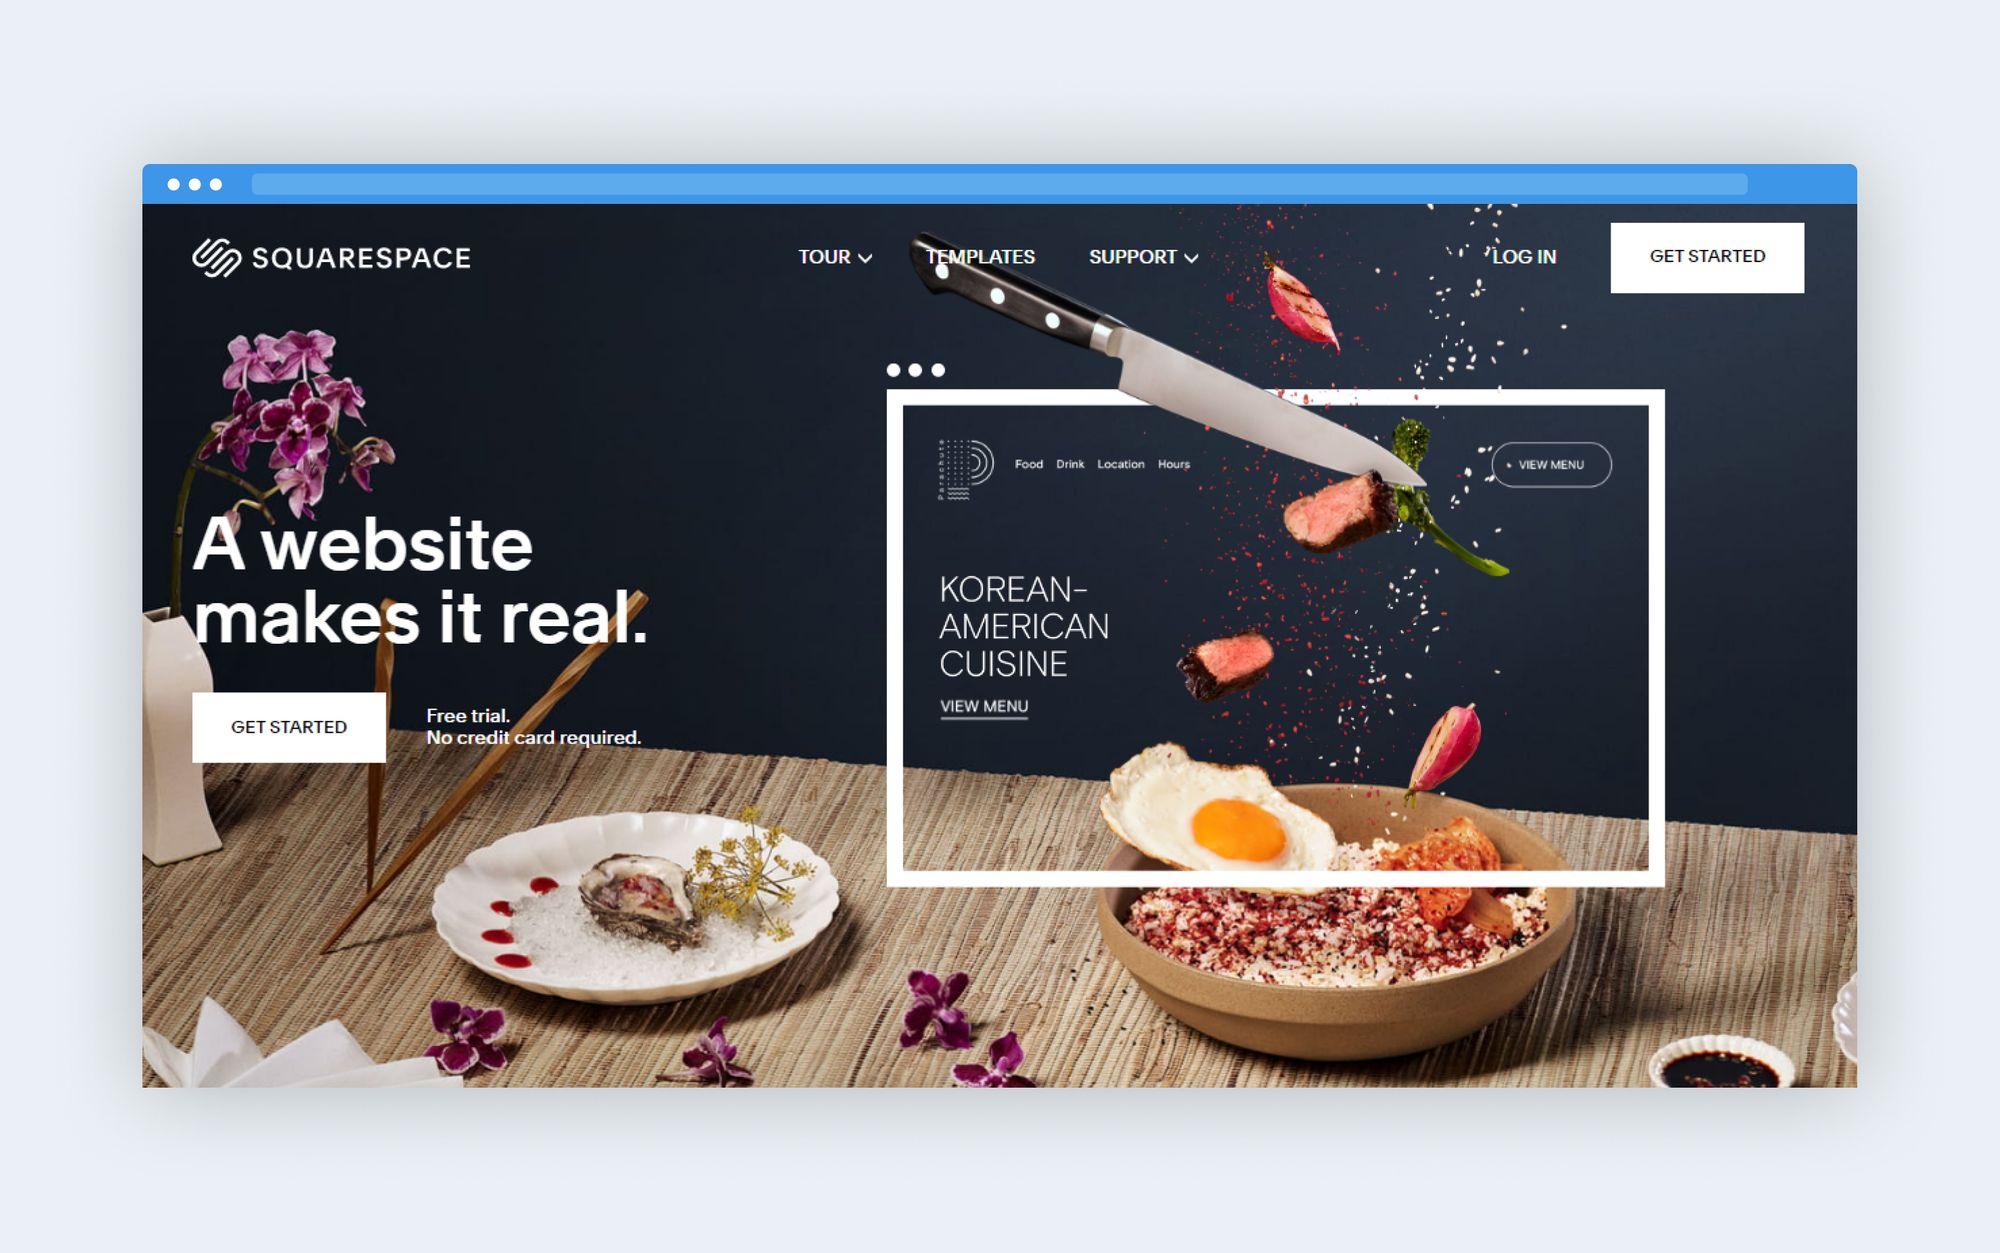 Squarespace platform